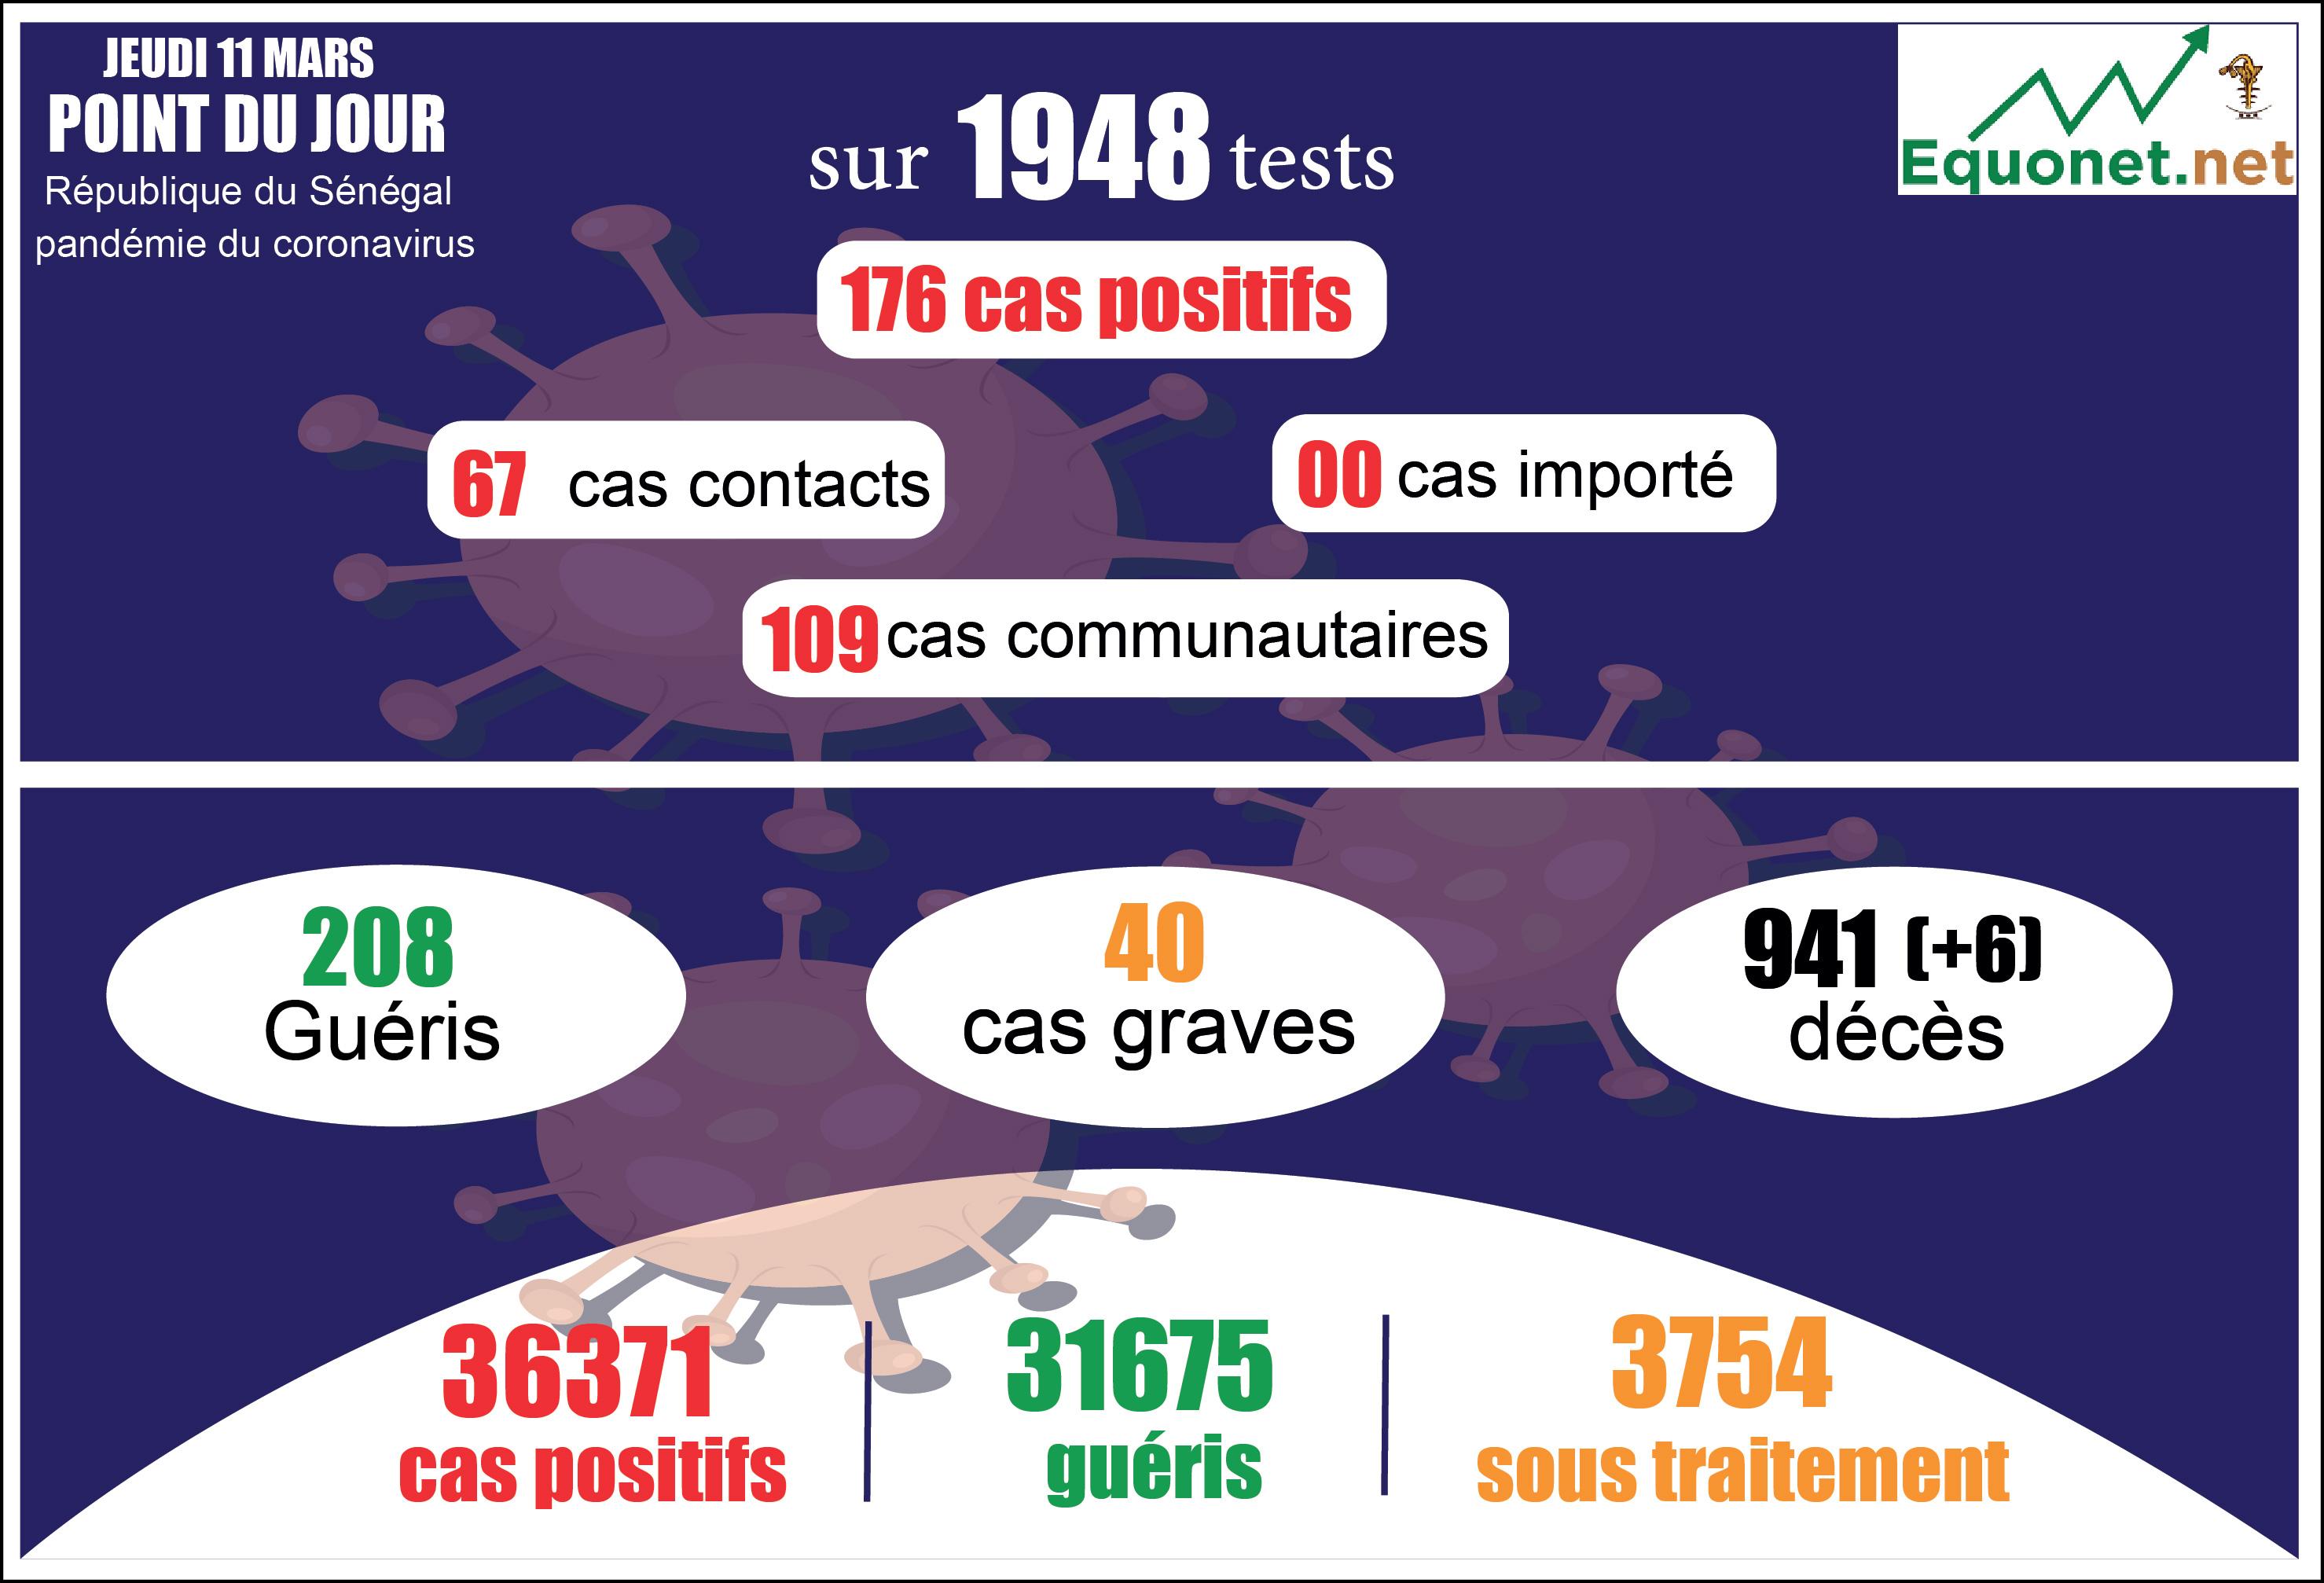 pandémie du coronavirus-covid-19 au sénégal : 109 cas communautaires et 6 décès enregistrés ce jeudi 11 mars 2021